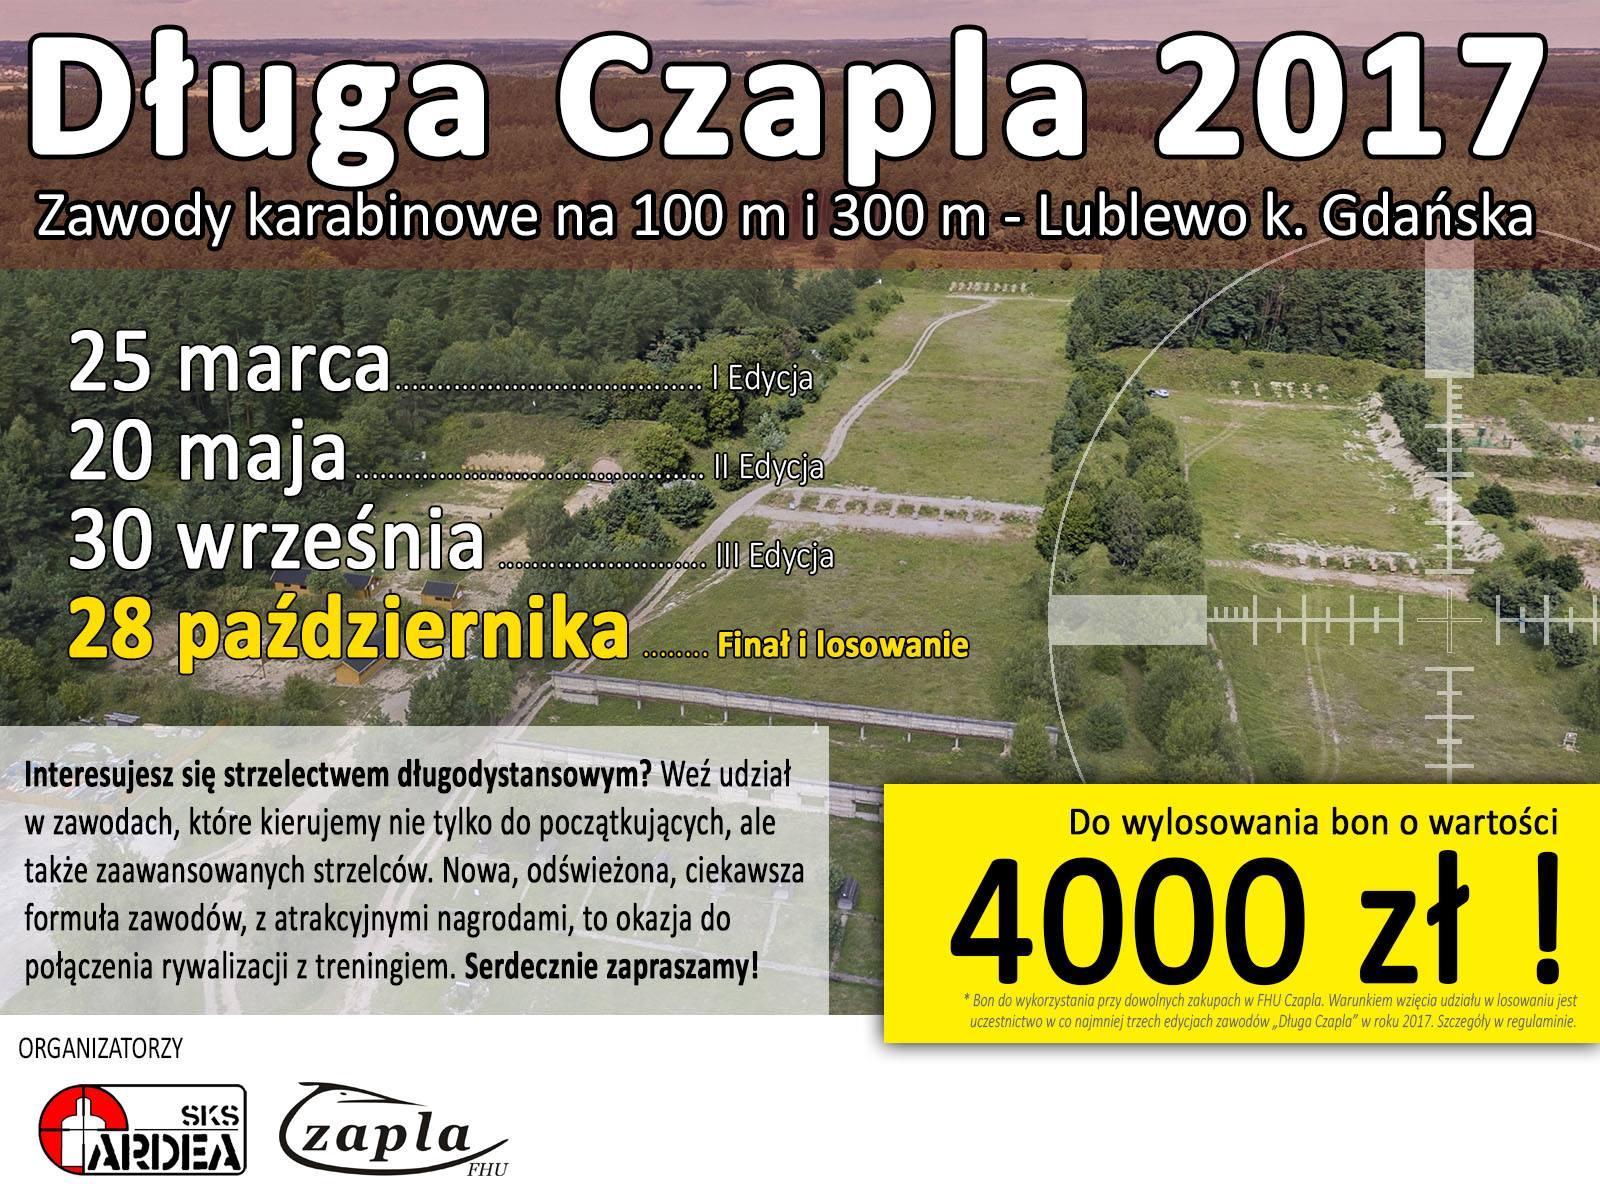 dluga_czapla